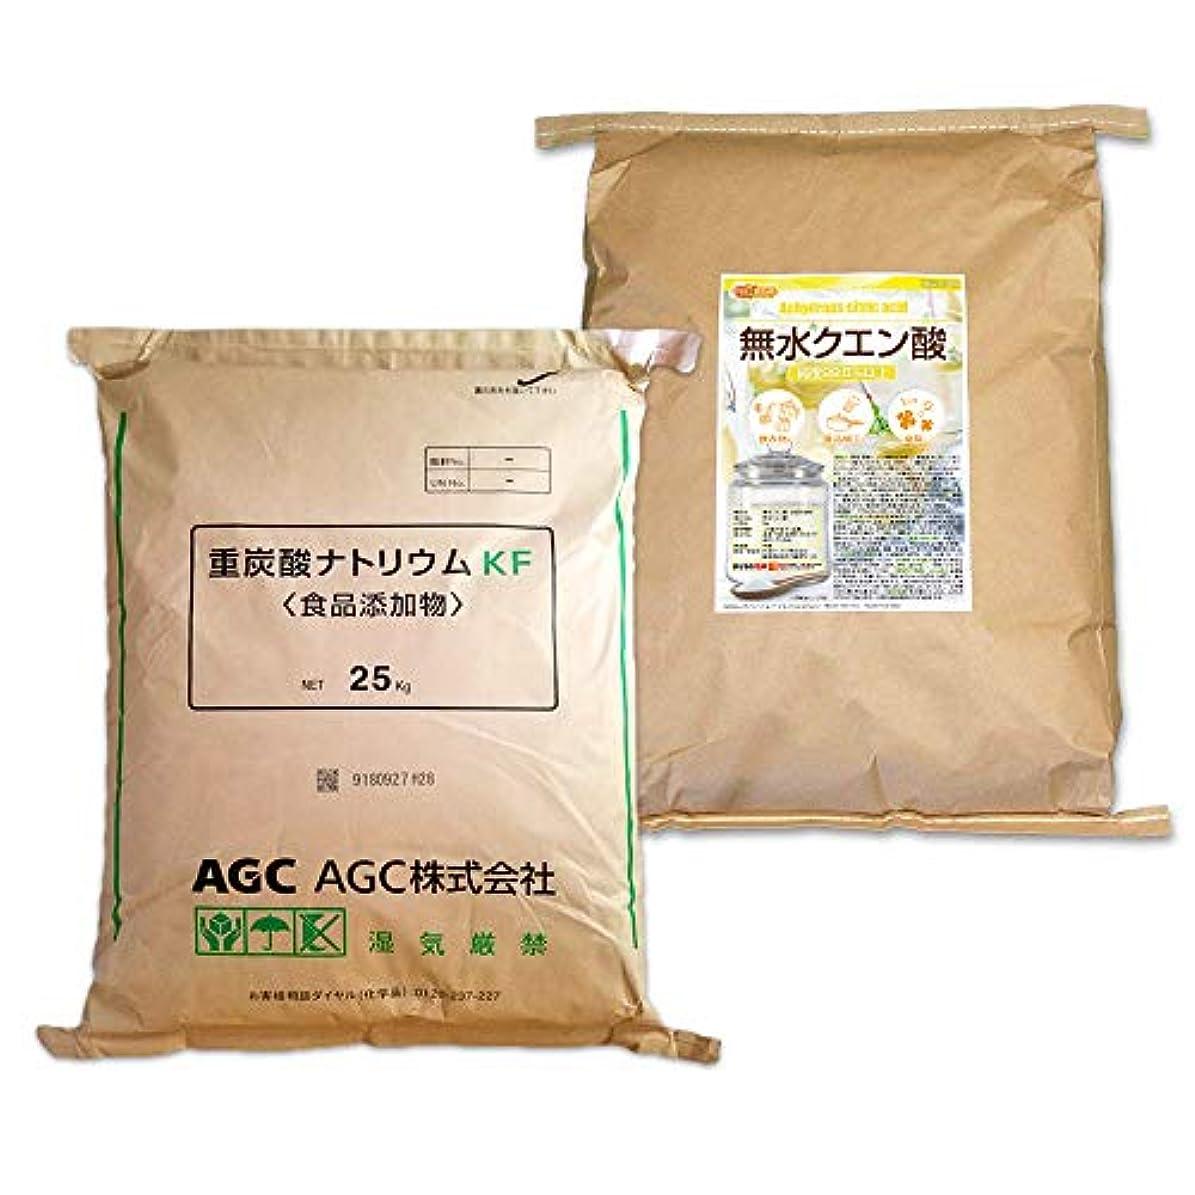 パラダイス保証スイッチAGC製 重曹 25kg + 無水 クエン酸 25kg セット [02] 【同梱不可】NICHIGA(ニチガ)